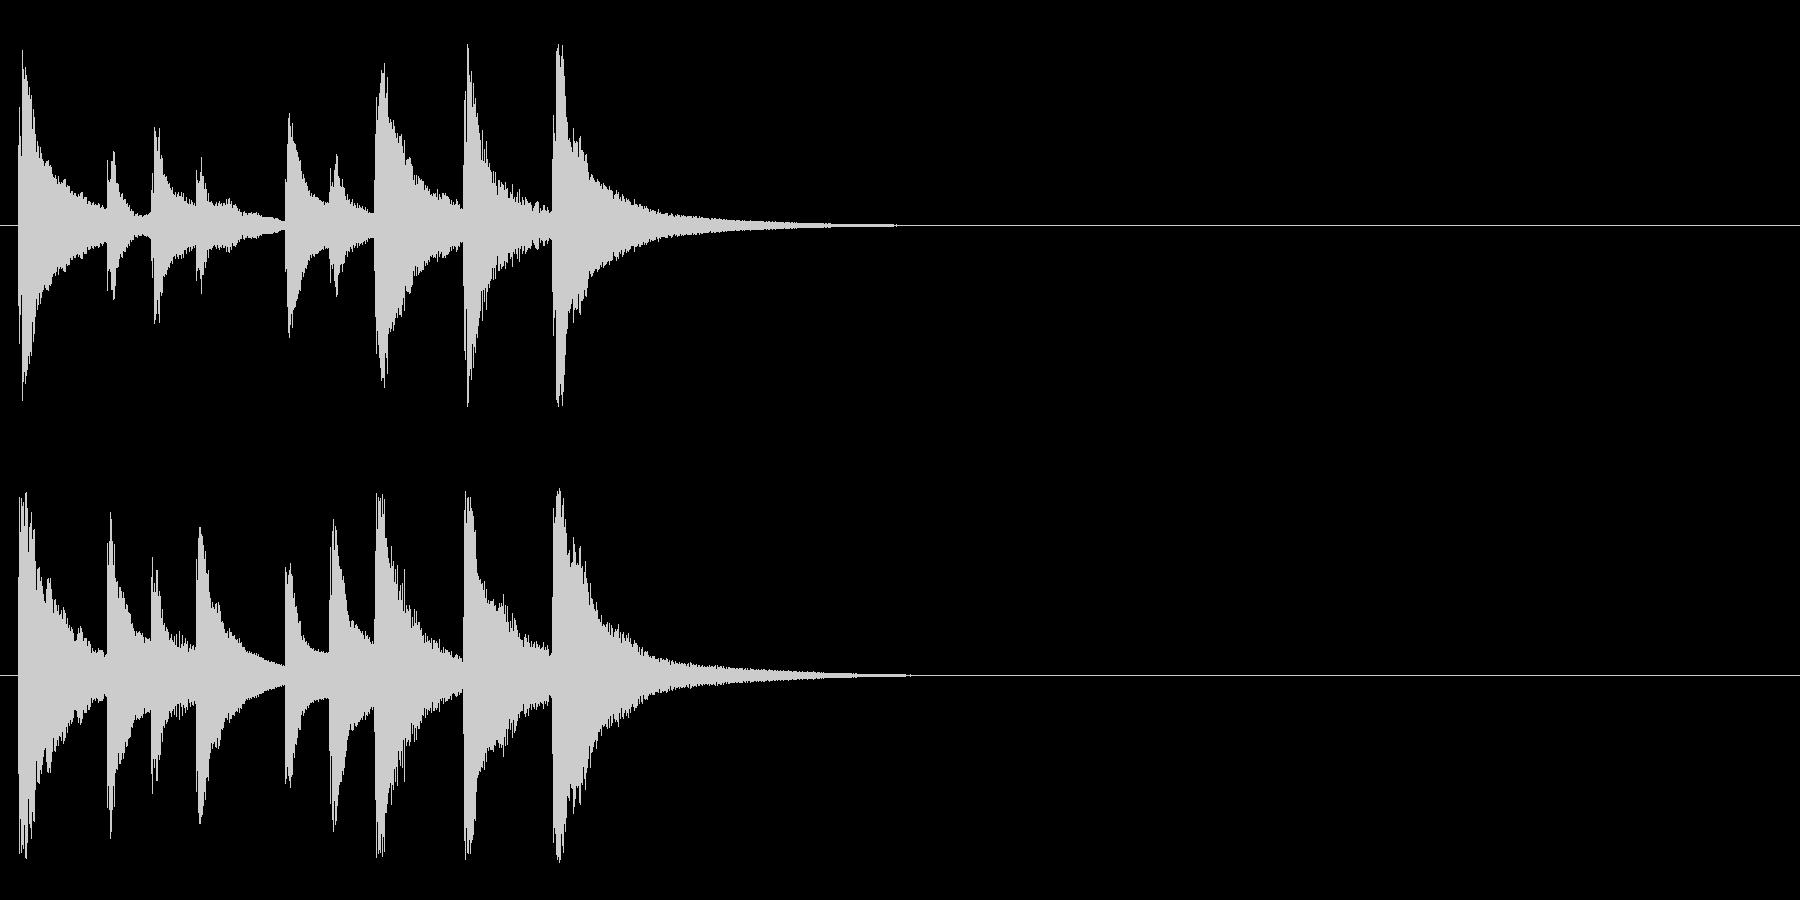 可愛らしいオルゴールジングルの未再生の波形